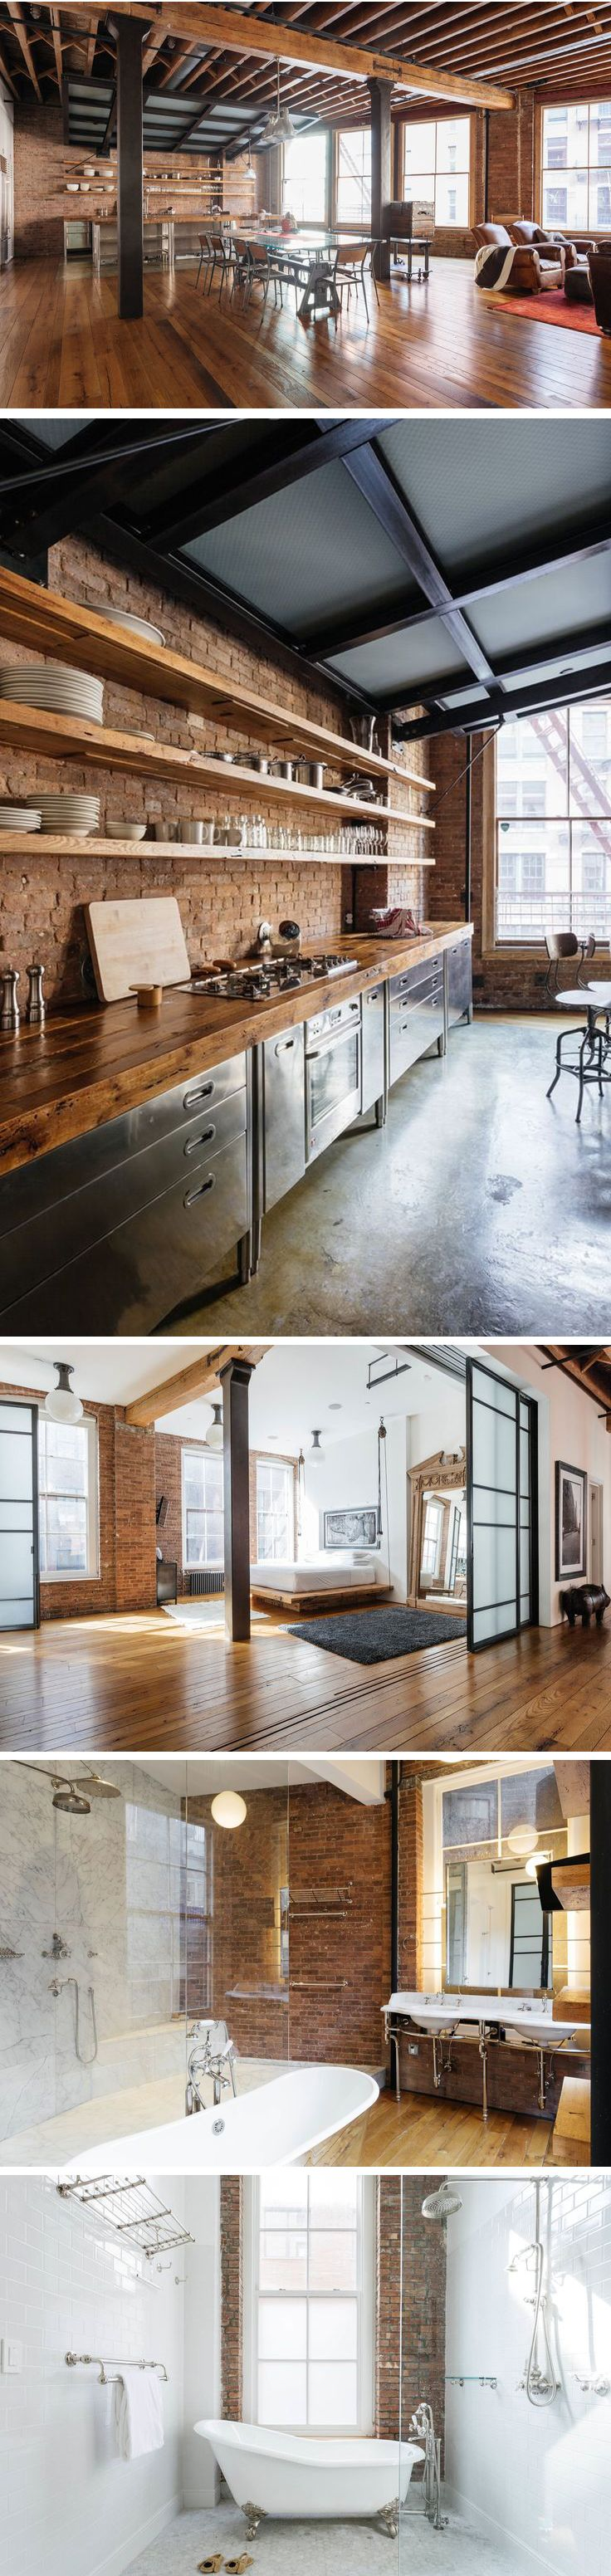 Ideal propuesta para espacios grandes tipo loft, donde la elegancia y lo práctico se aunan para dar este maravilloso espacio de disfrute. Me gusta!!!